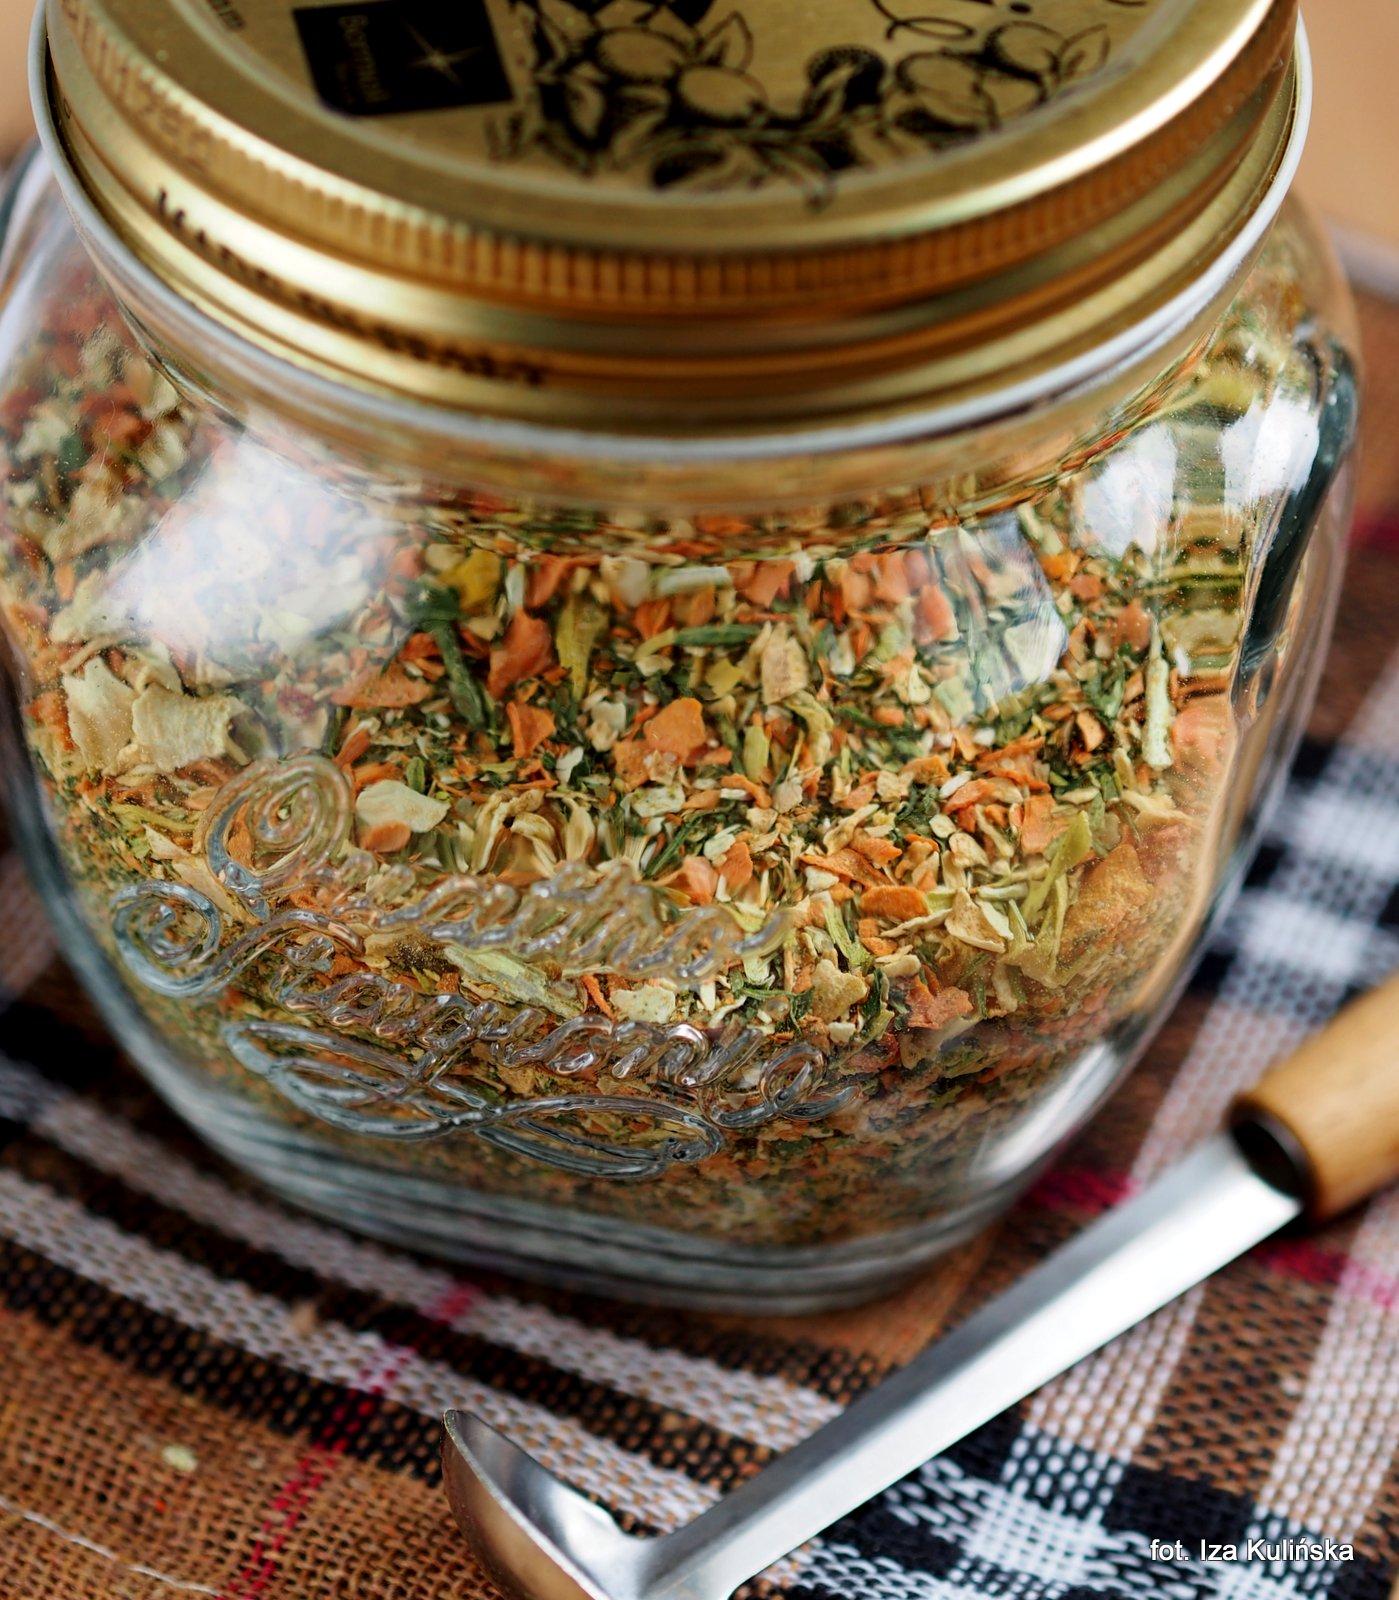 domowa vegeta, przyprawa z suszonych warzyw, przyprawa do zup i sosow, domowe przetwory, jak zrobić domowa wegeta, smaczna pyza